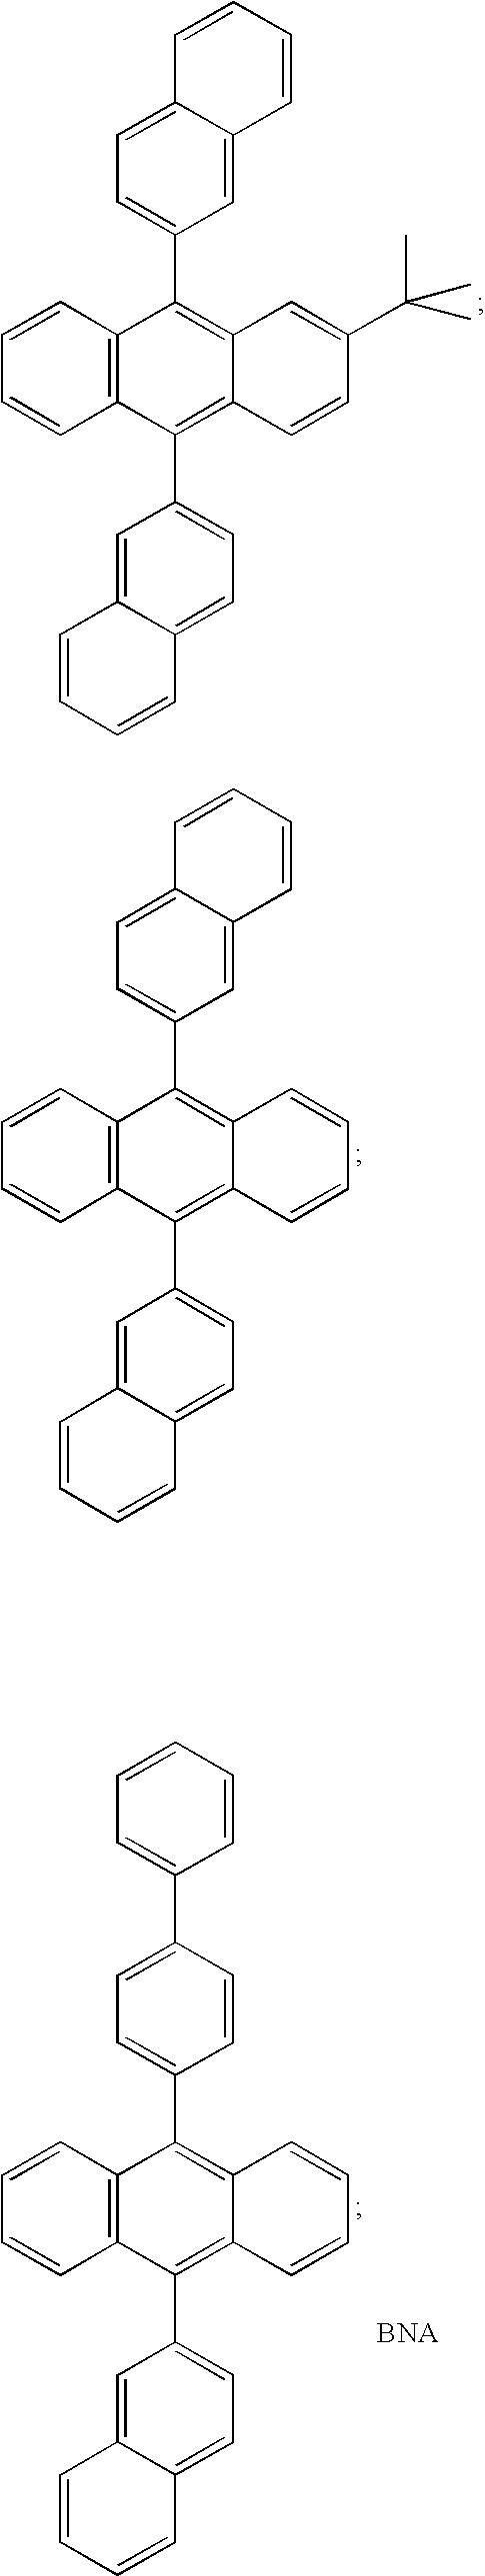 Figure US07023013-20060404-C00012